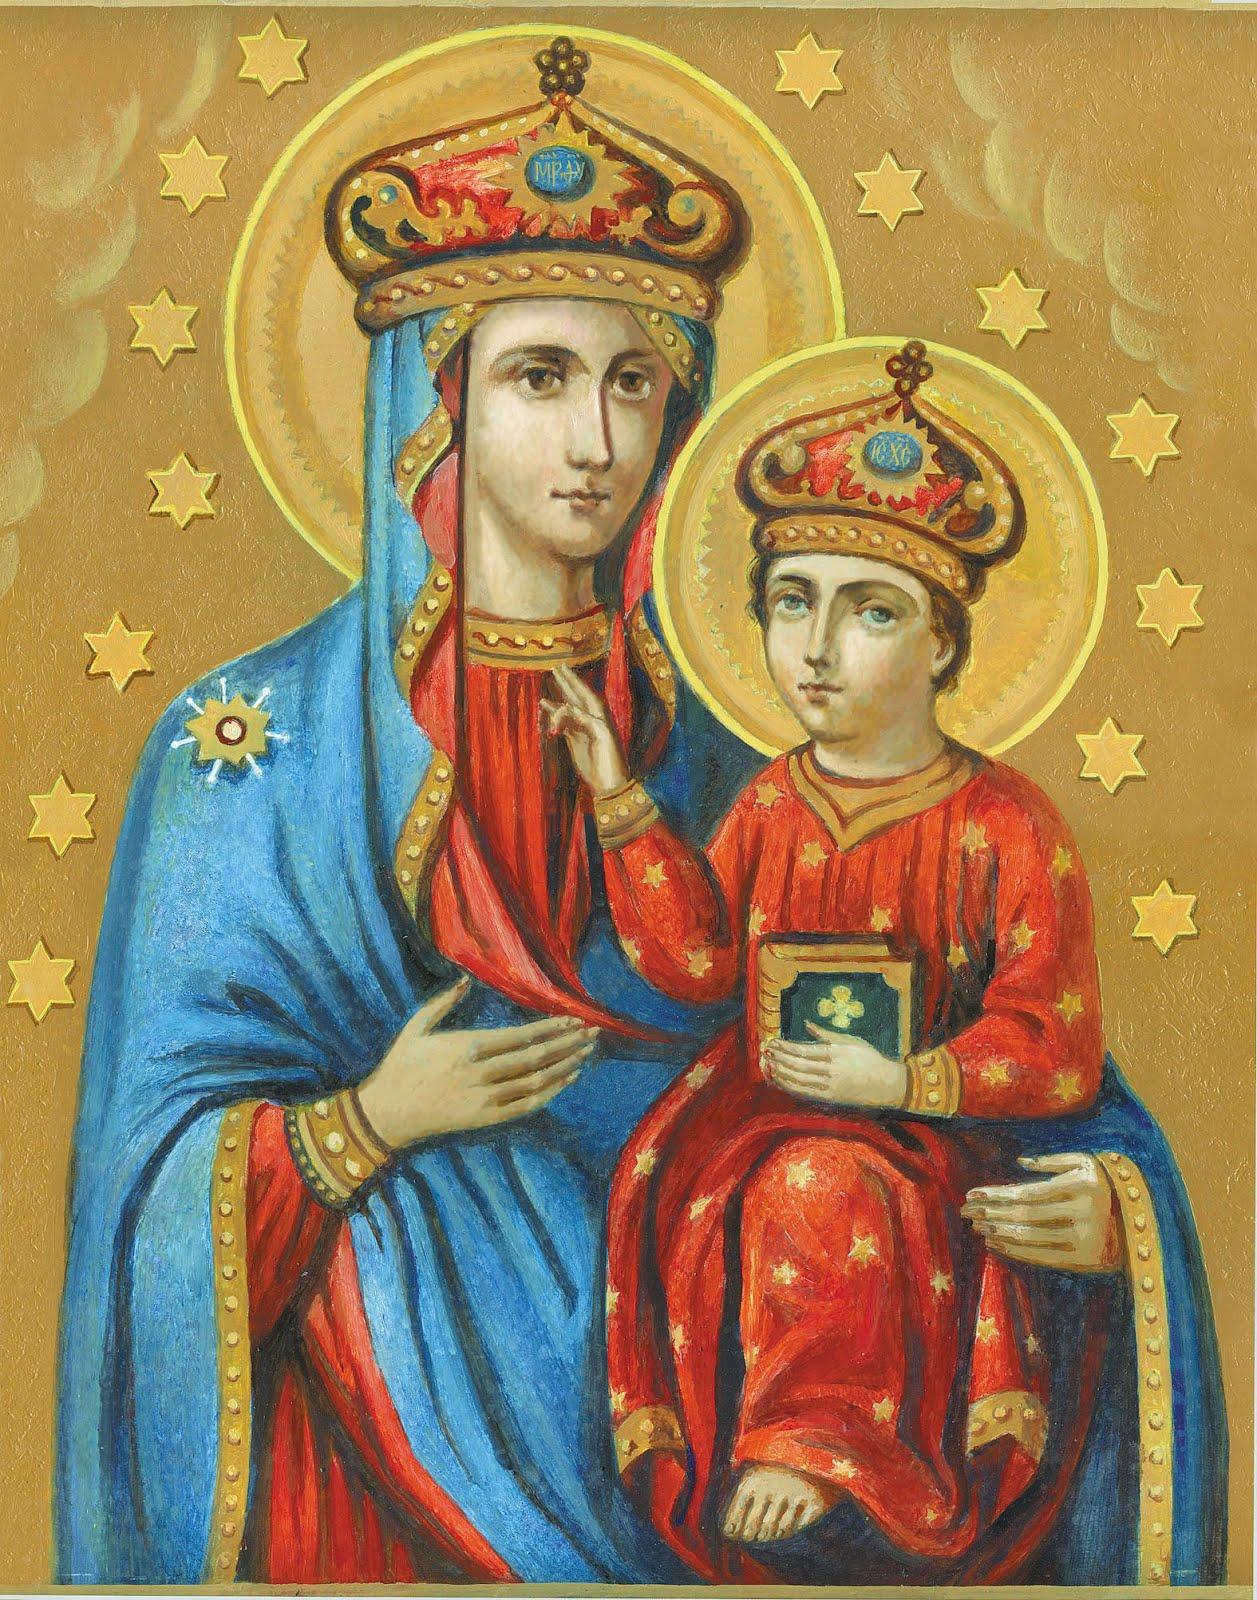 Озерянская икона Божией Матери - 12 ноября (нов. ст.)